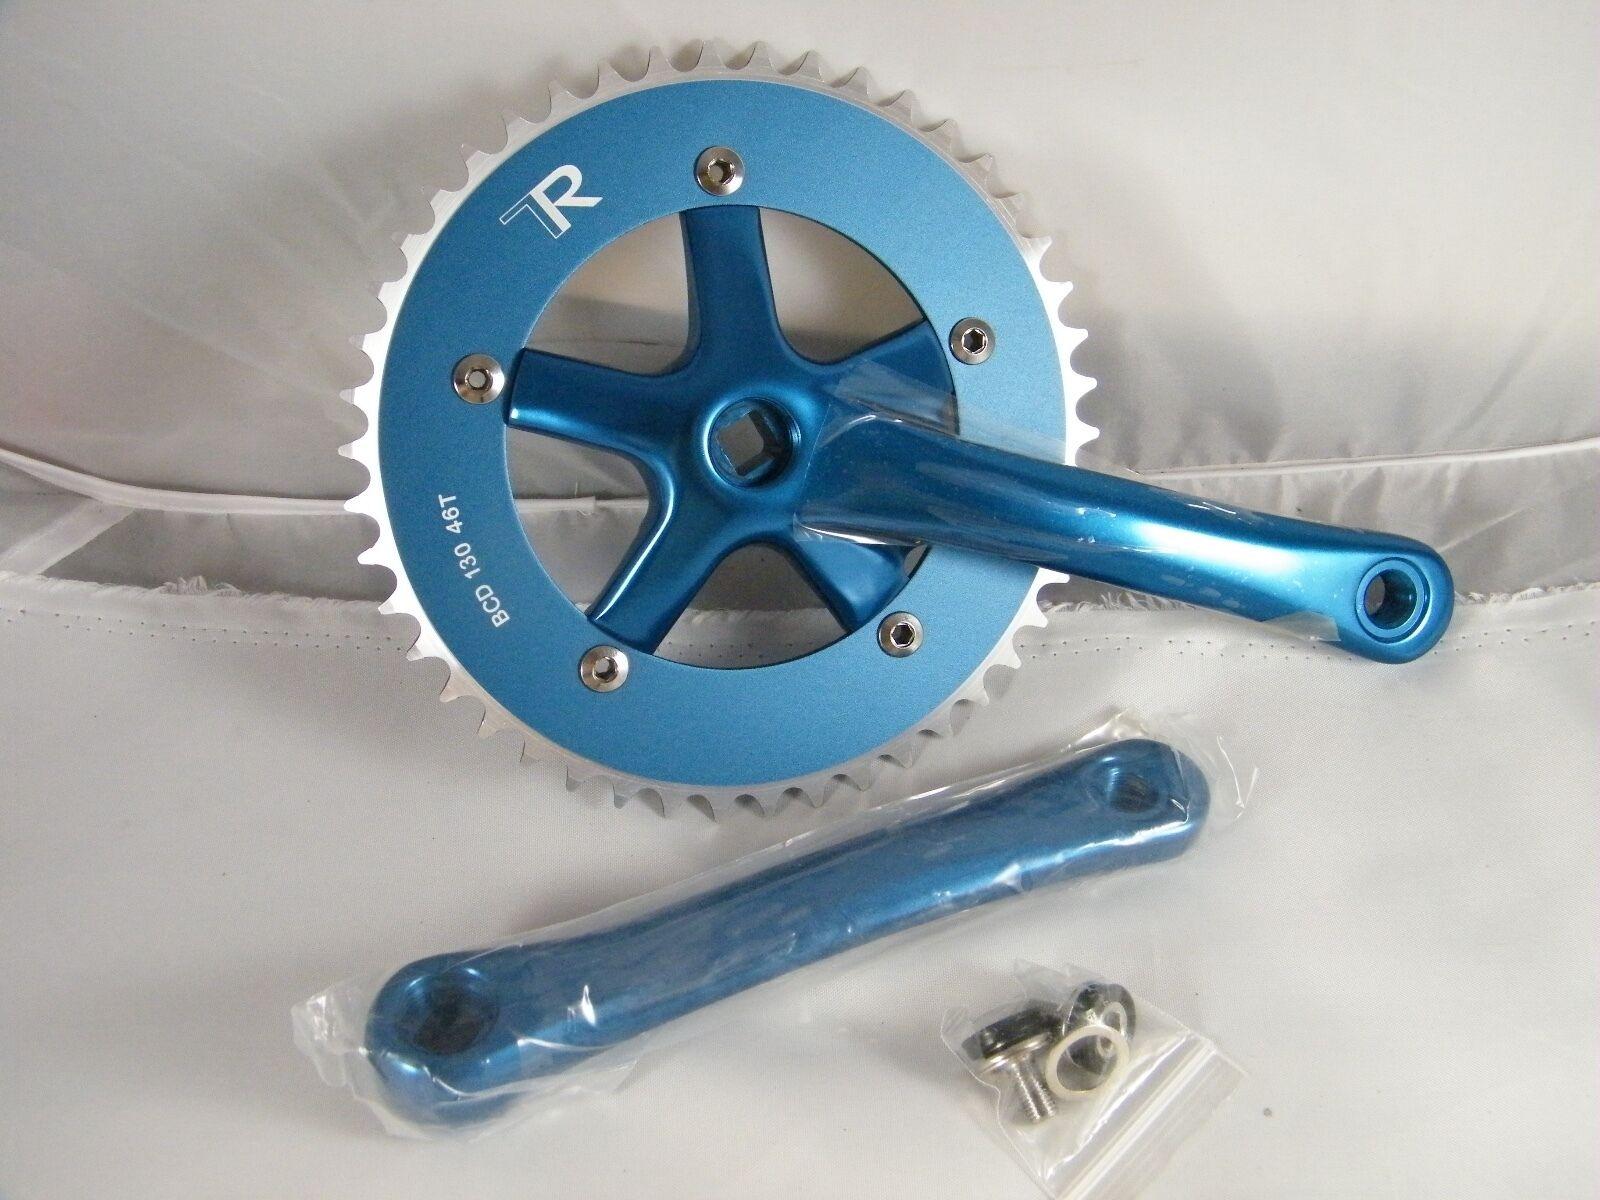 NEW  DRIVELINE CRANKSET TK13 170 MM blueeE PART DL-TK-170-BL,   BCD 130  46T  for sale online